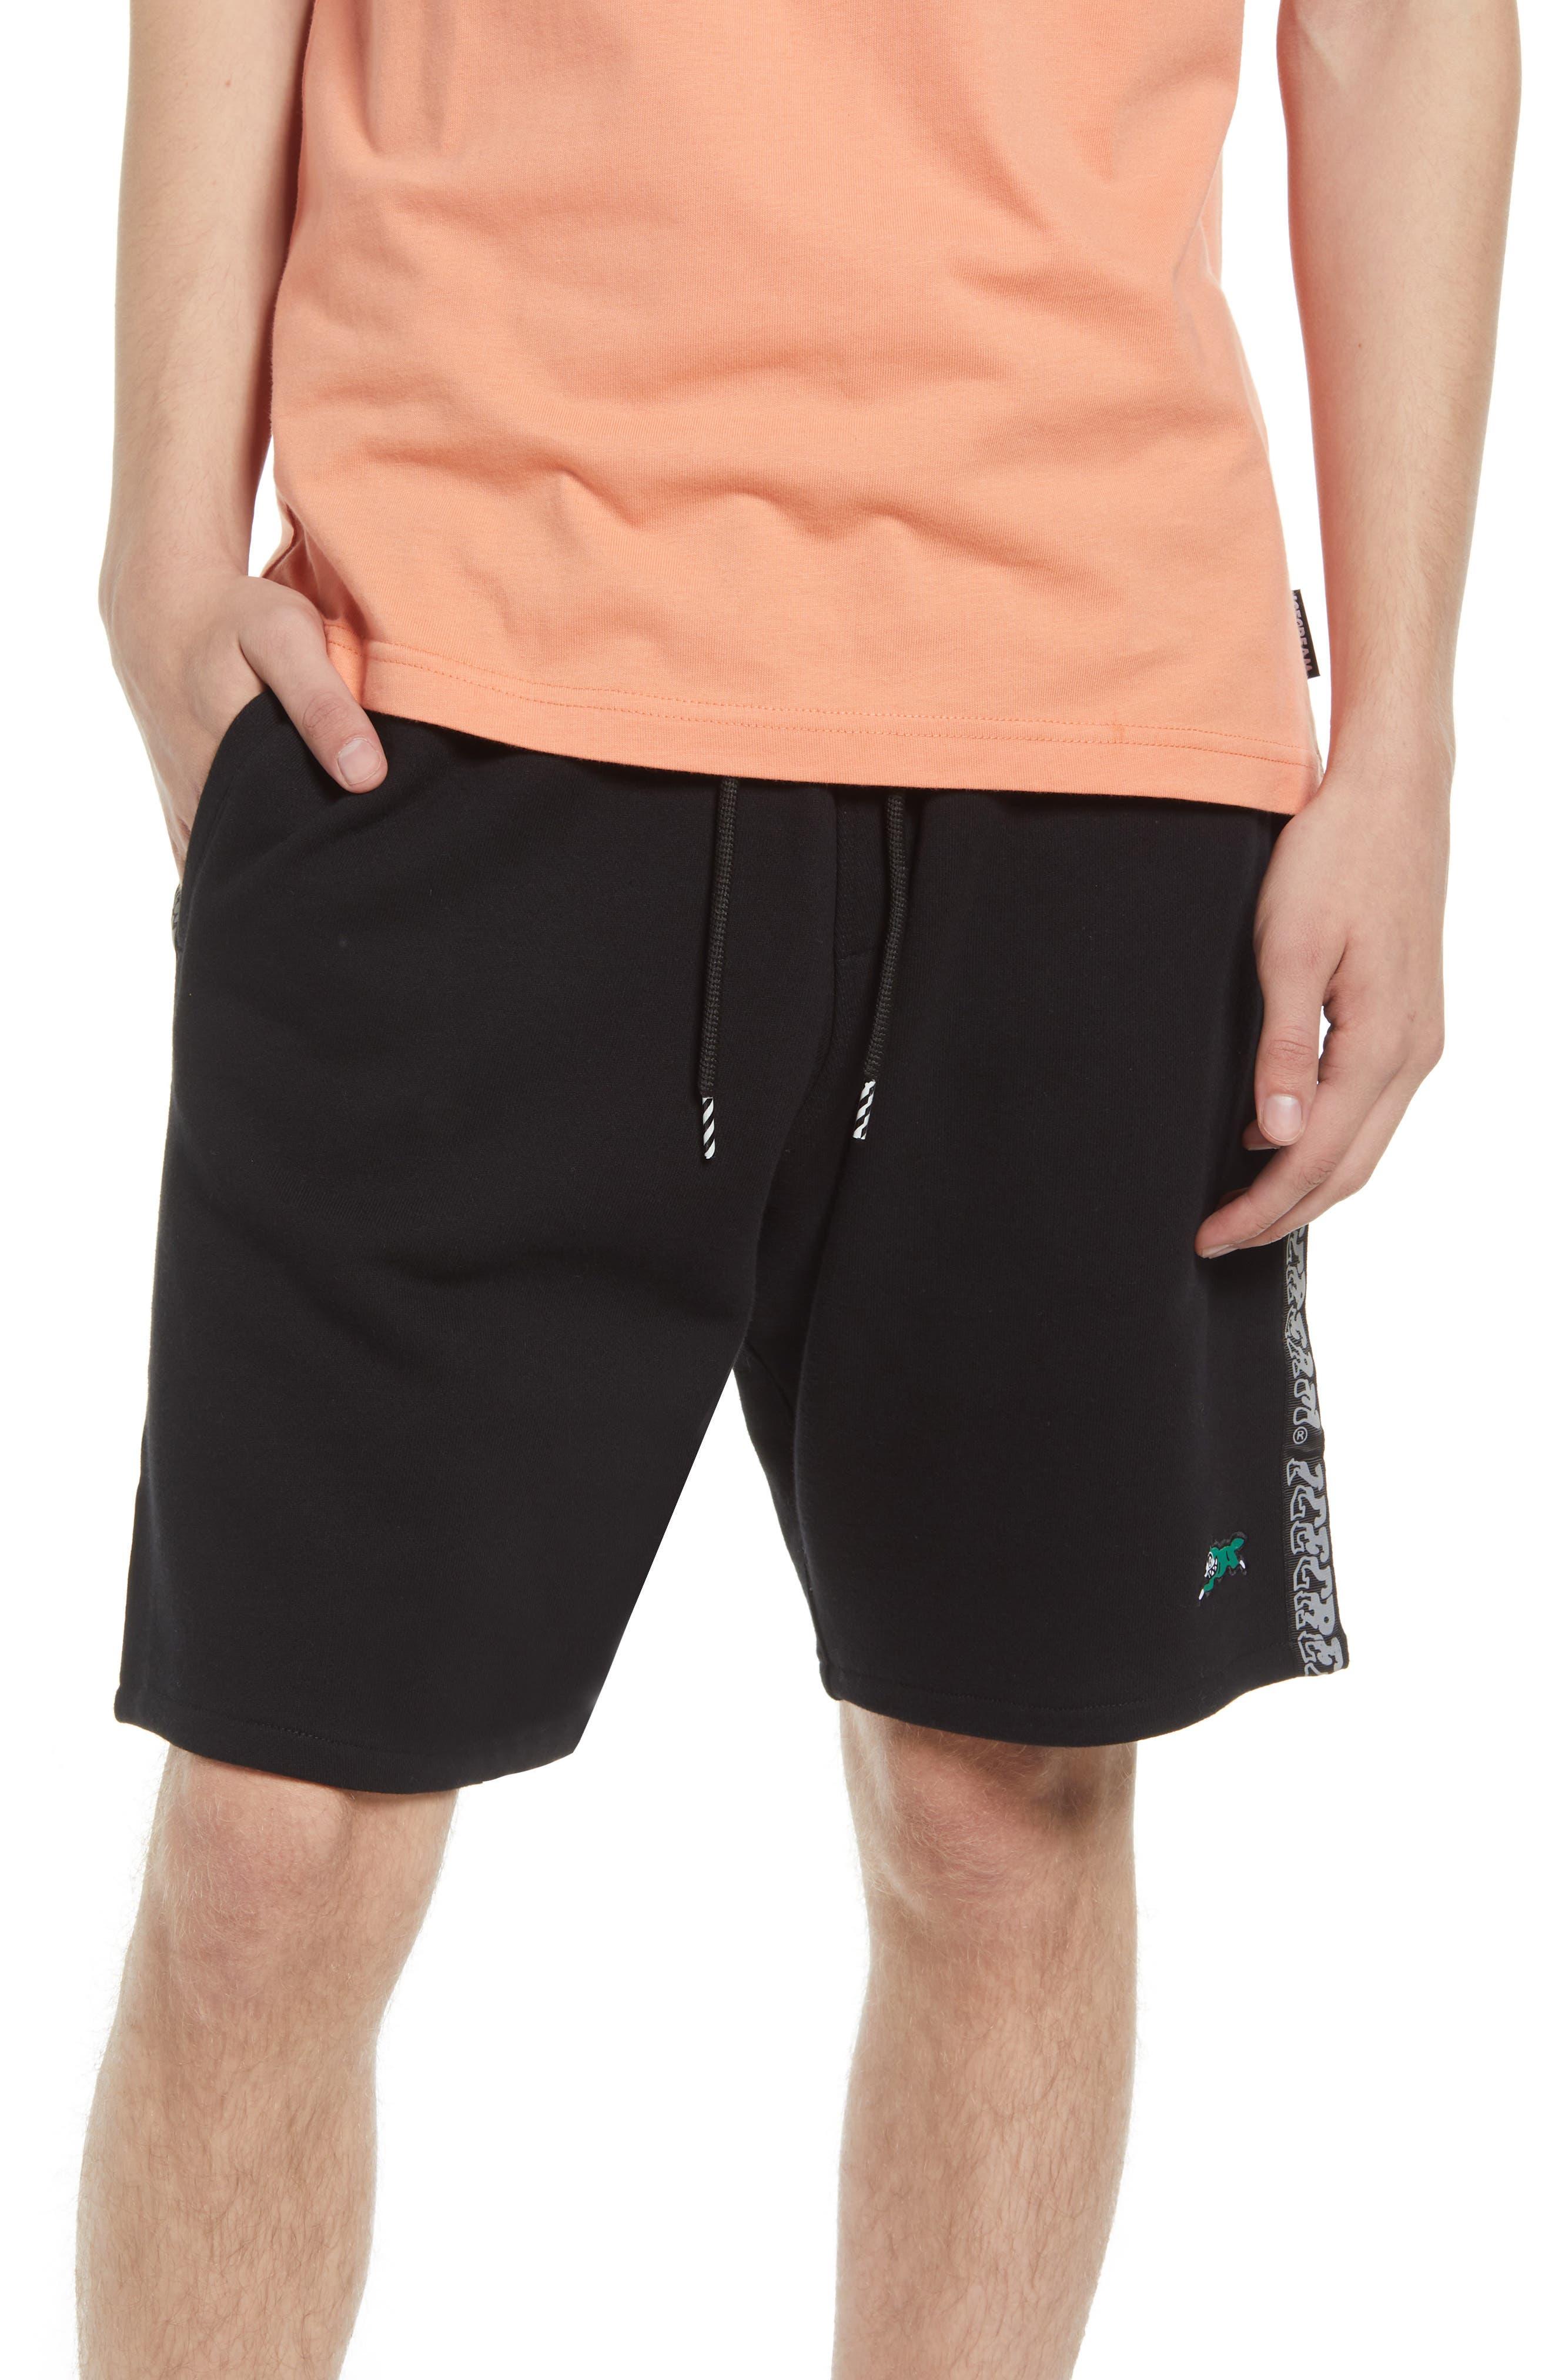 Reflect Drawstring Cotton Shorts